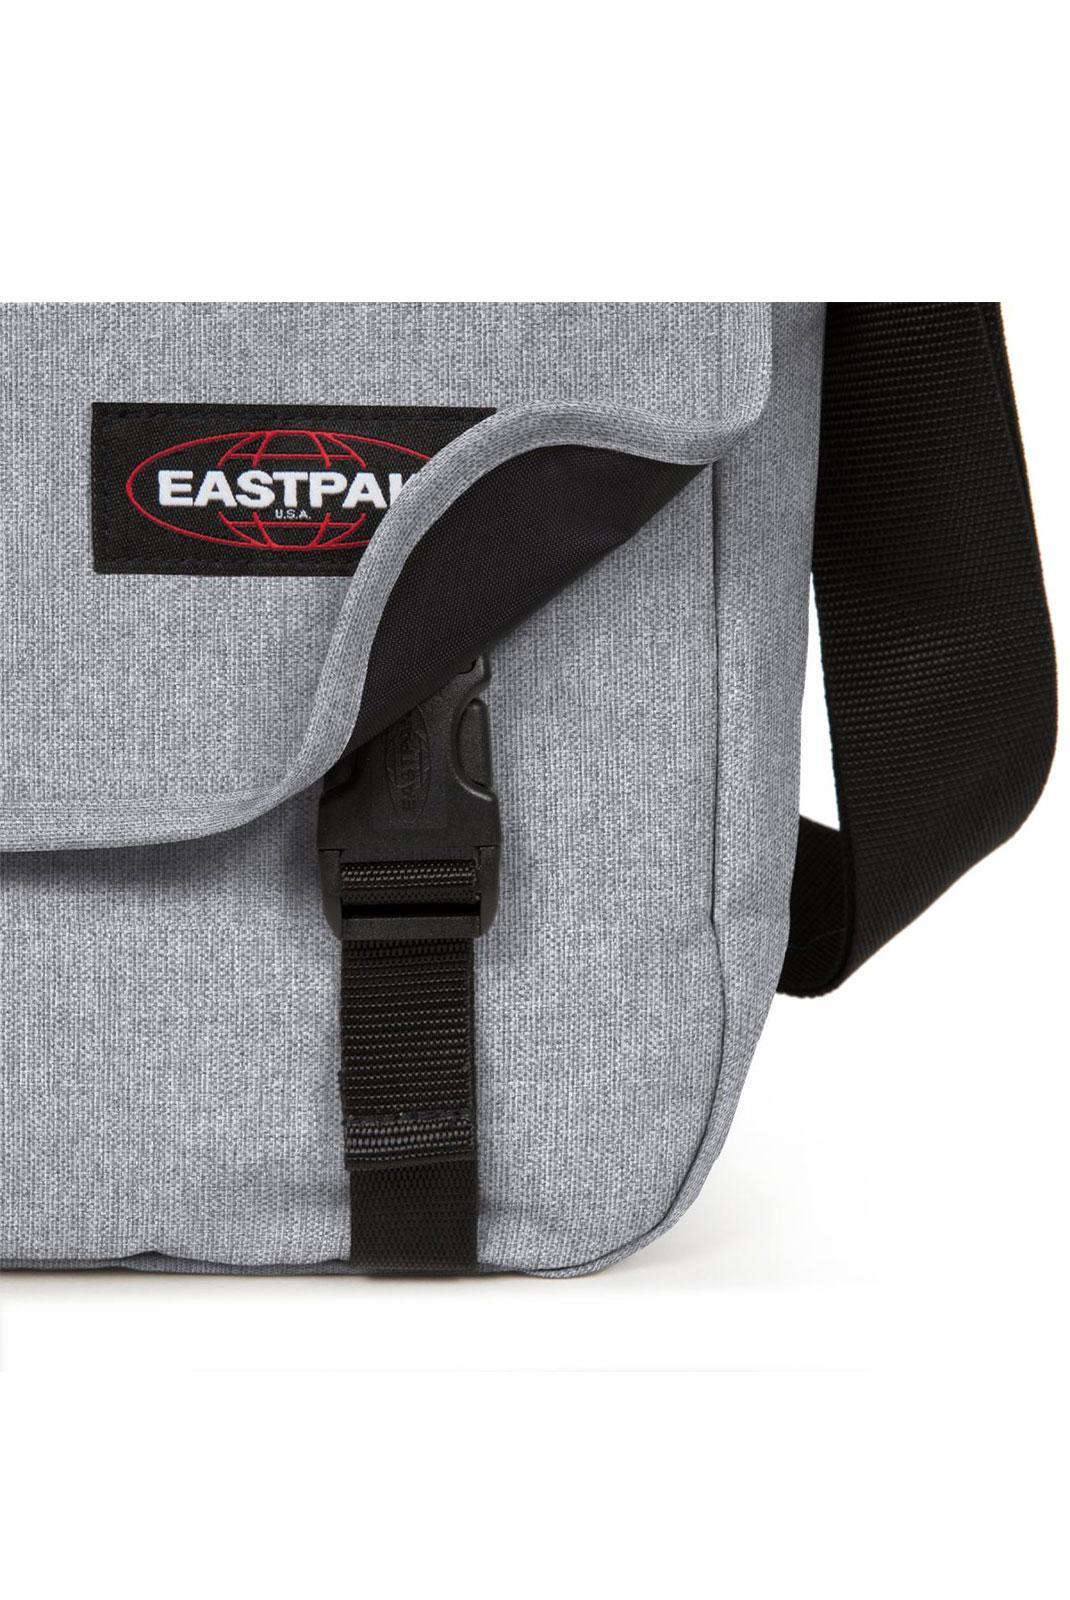 Sac porté épaule  Eastpak EK26E363  363 gris